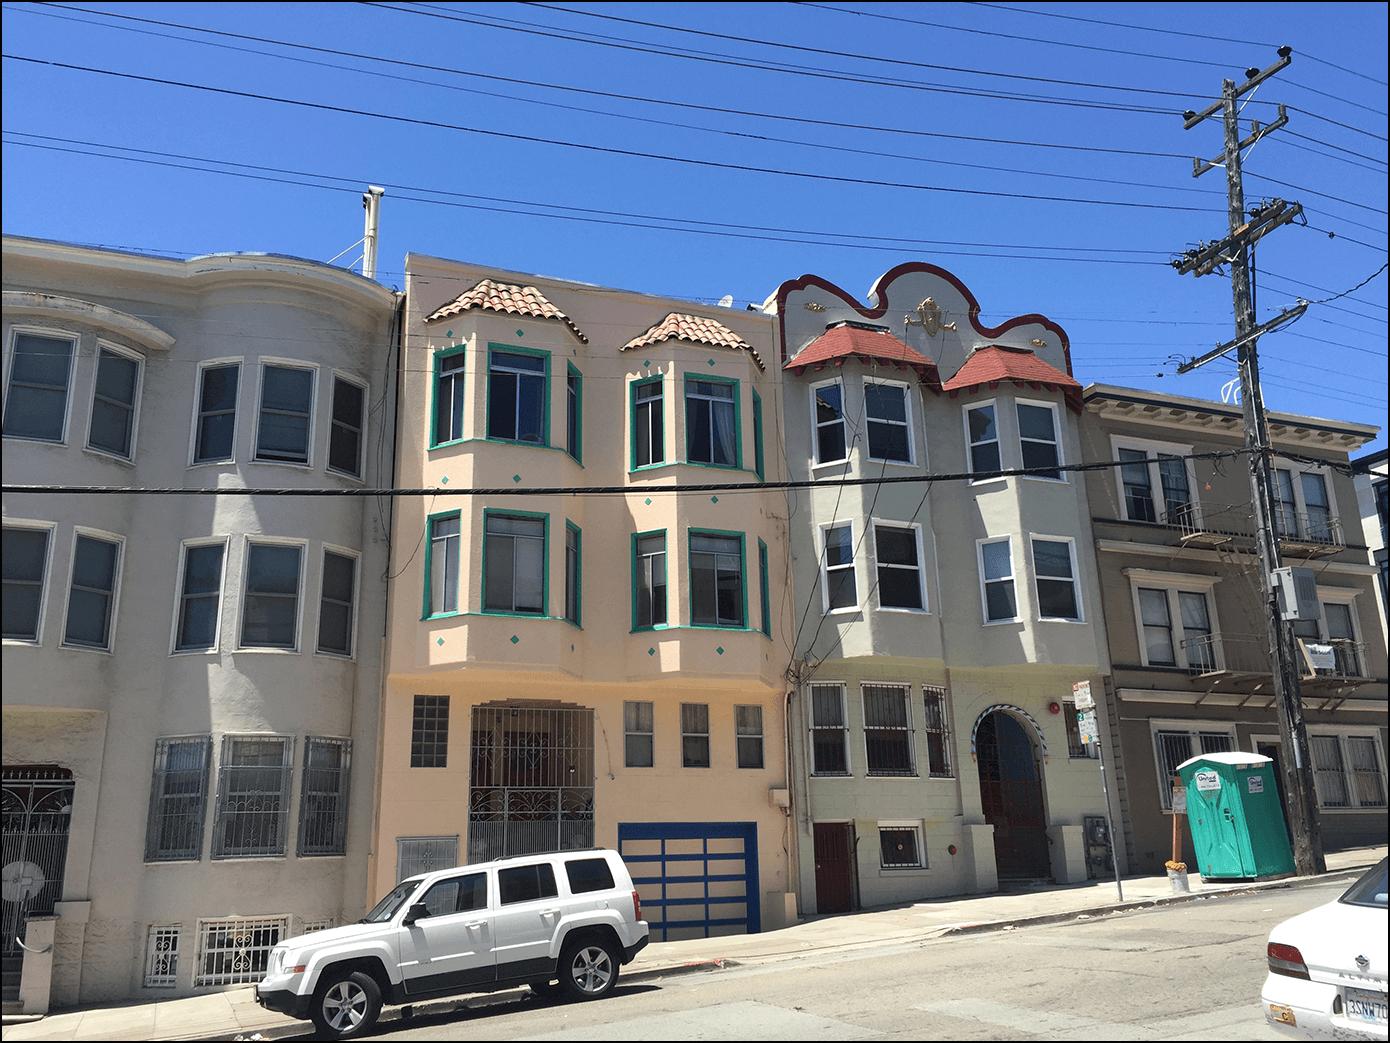 San Francisco Häuser Kalifornien Strasse